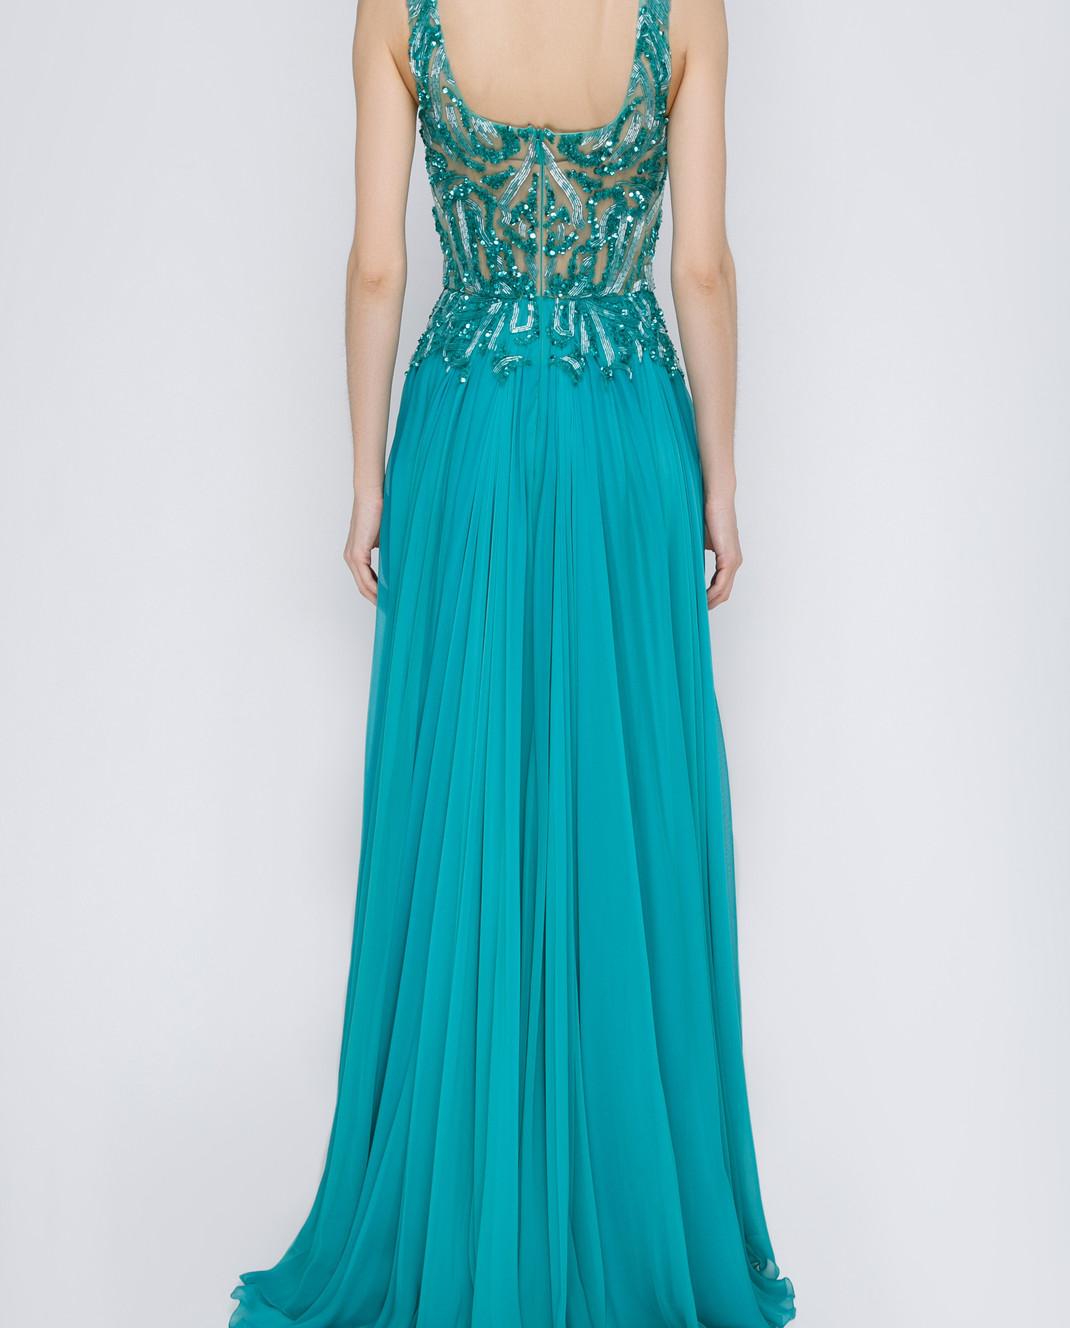 Zuhair Murad Бирюзовое платье из шелка RDRS15008DL99 изображение 4